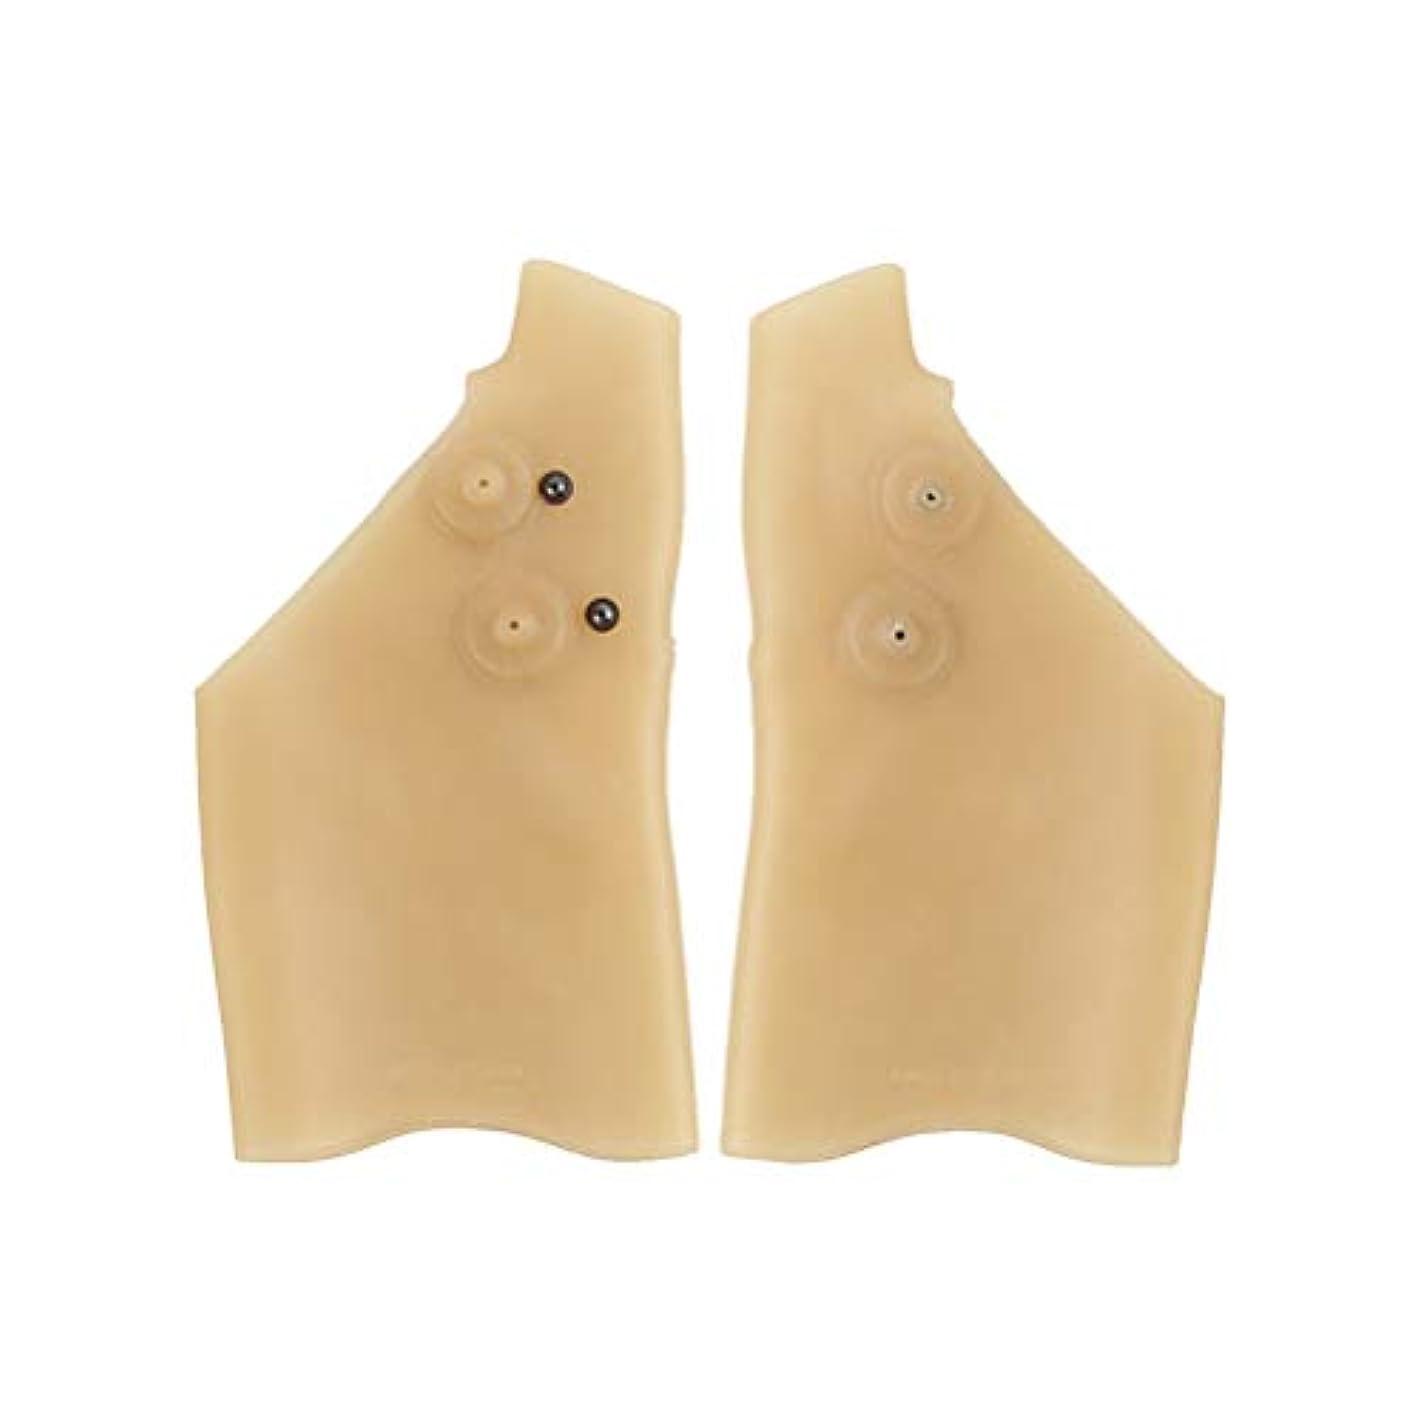 命題窒素複雑なHealifty 手の保護のための磁気防水手袋の手首の固定手袋